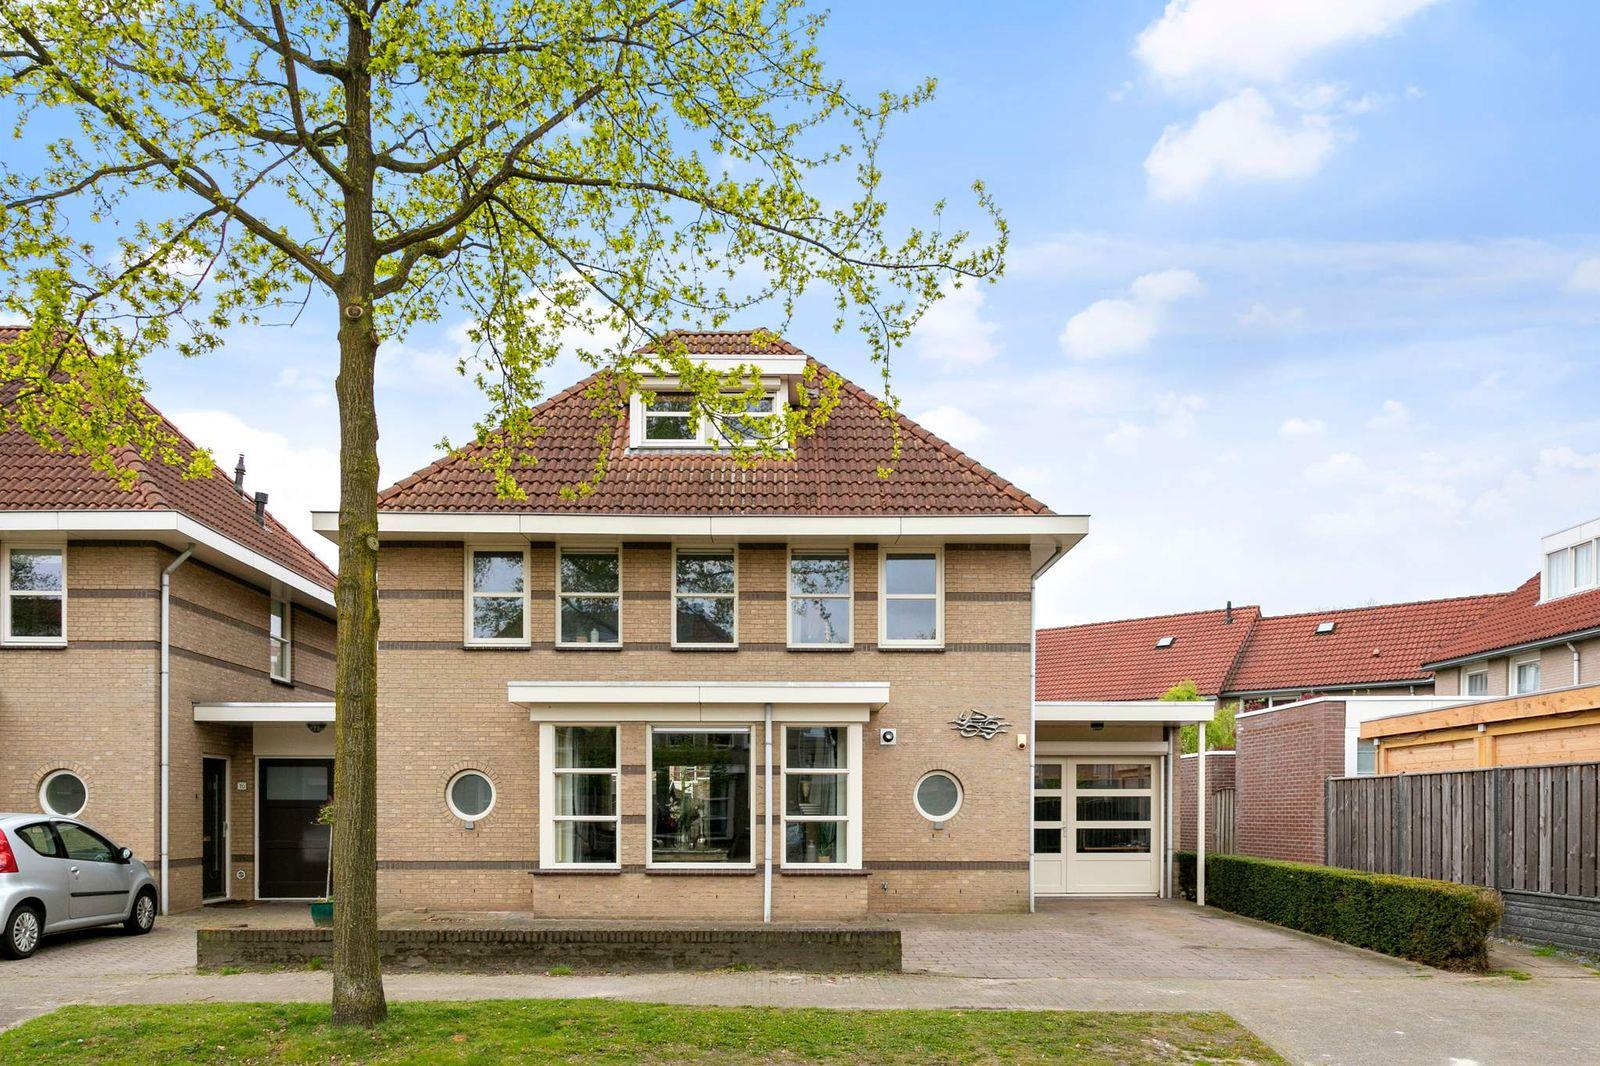 Pegbroekenlaan 18, Veldhoven